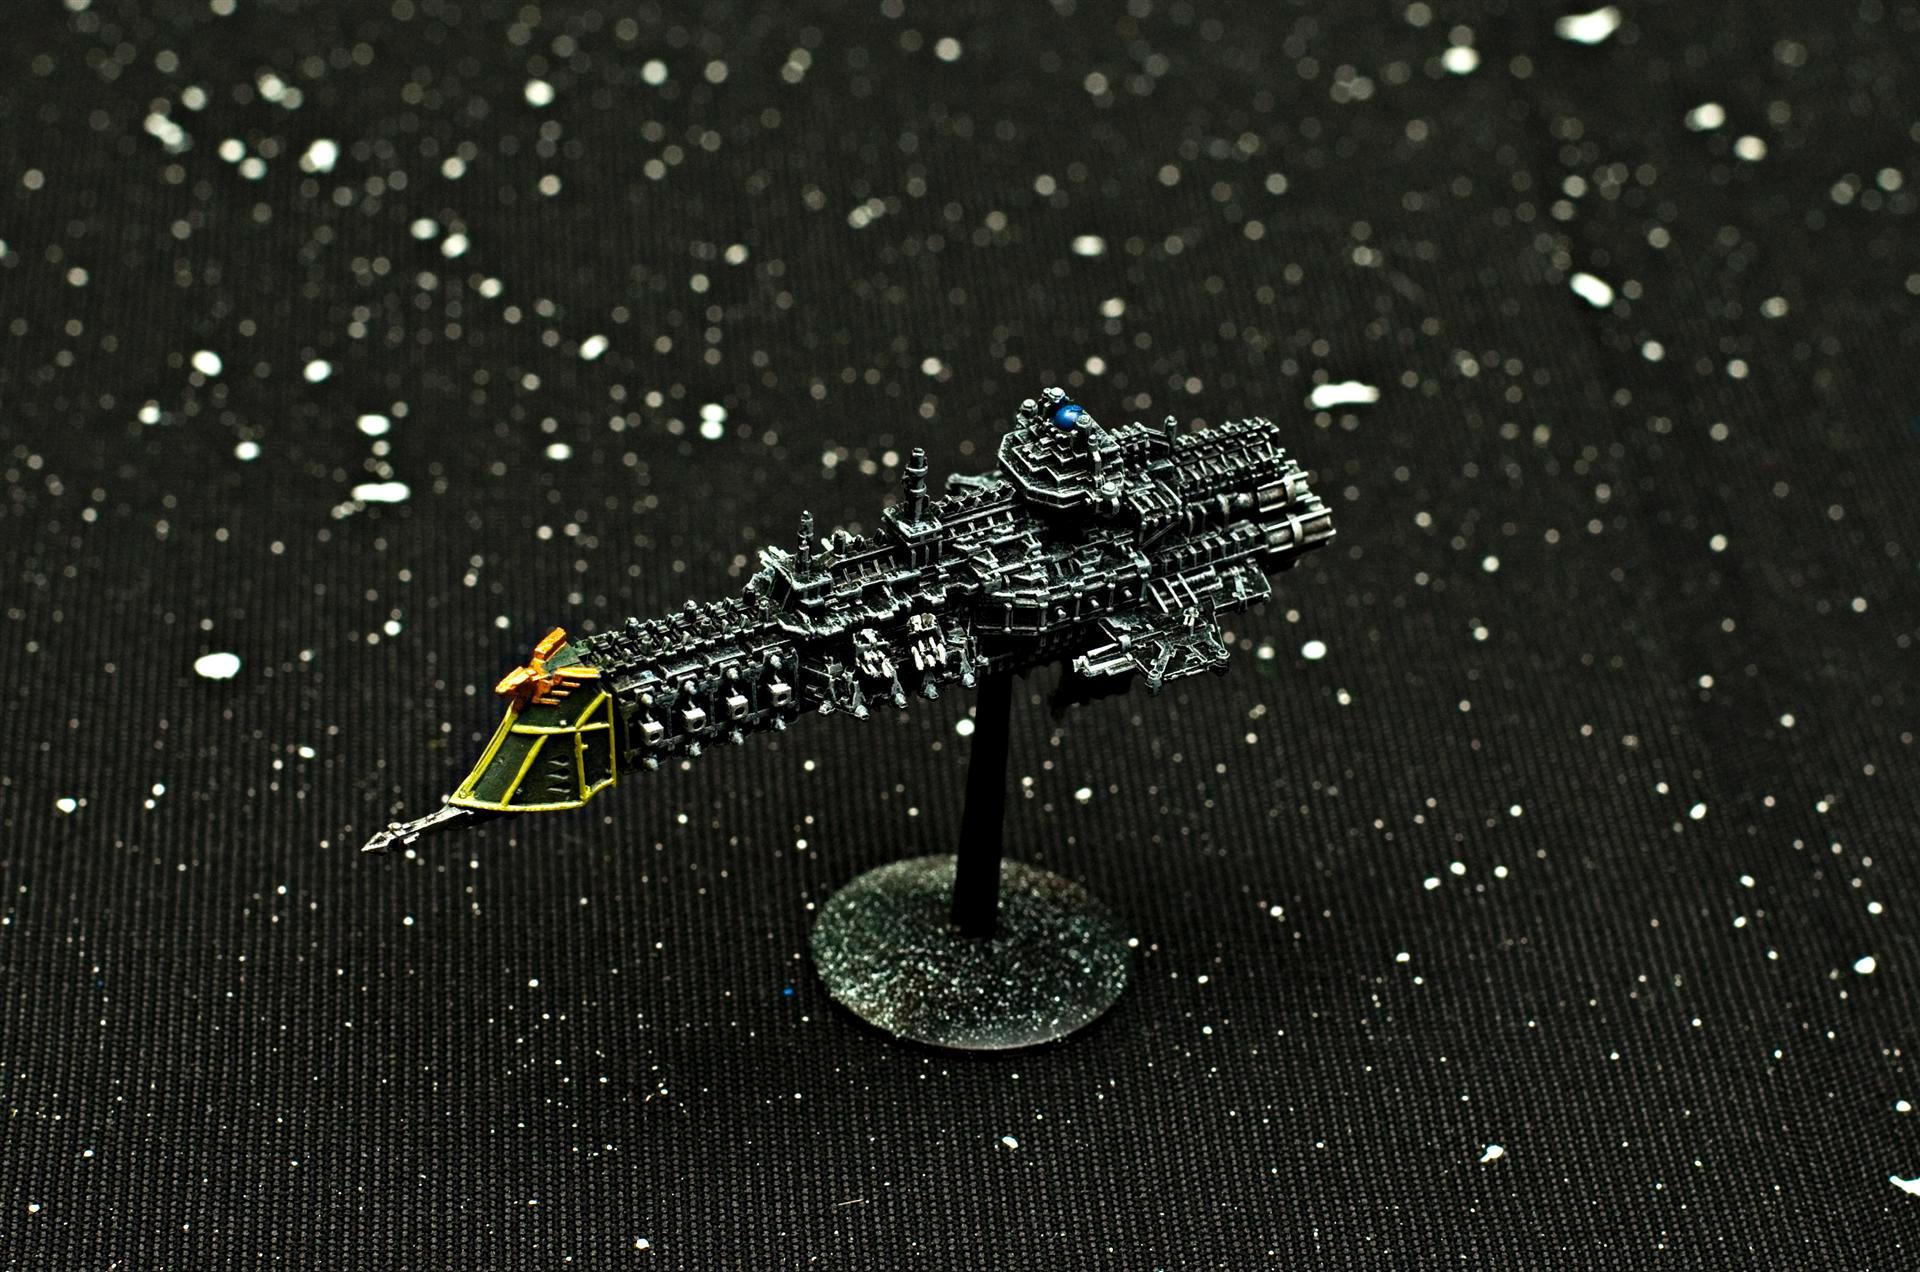 Battlefleet Gothic, Cruiser, Fleet, Imperial, Imperials, Lunar Class Cruiser